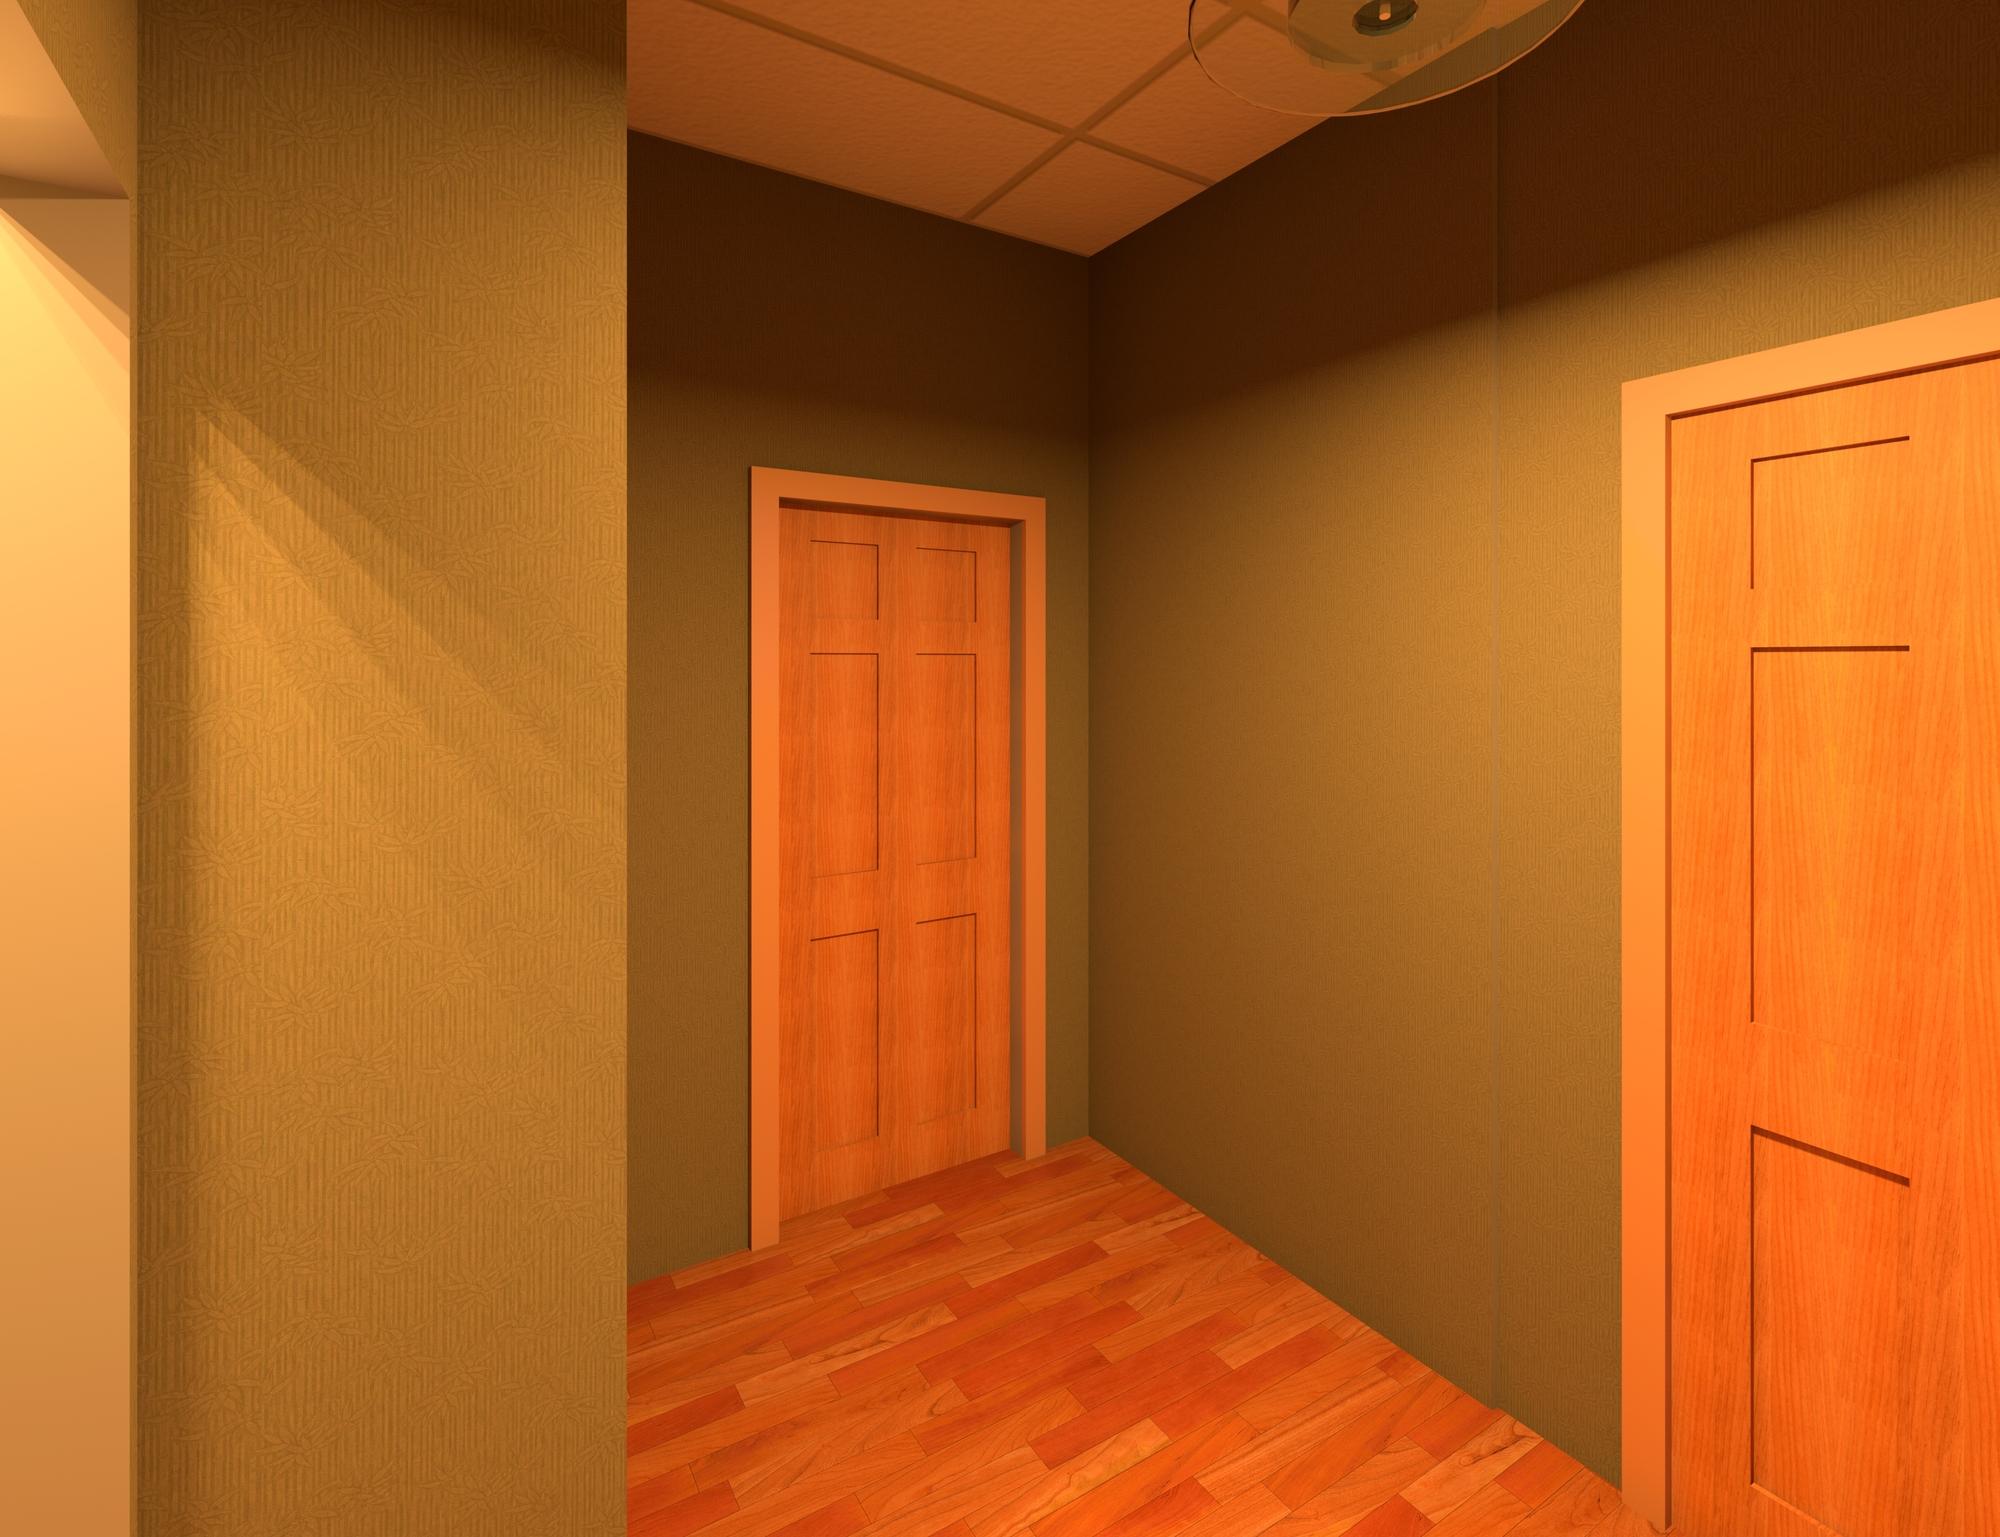 Raas-rendering20140930-5011-1ugqhzf